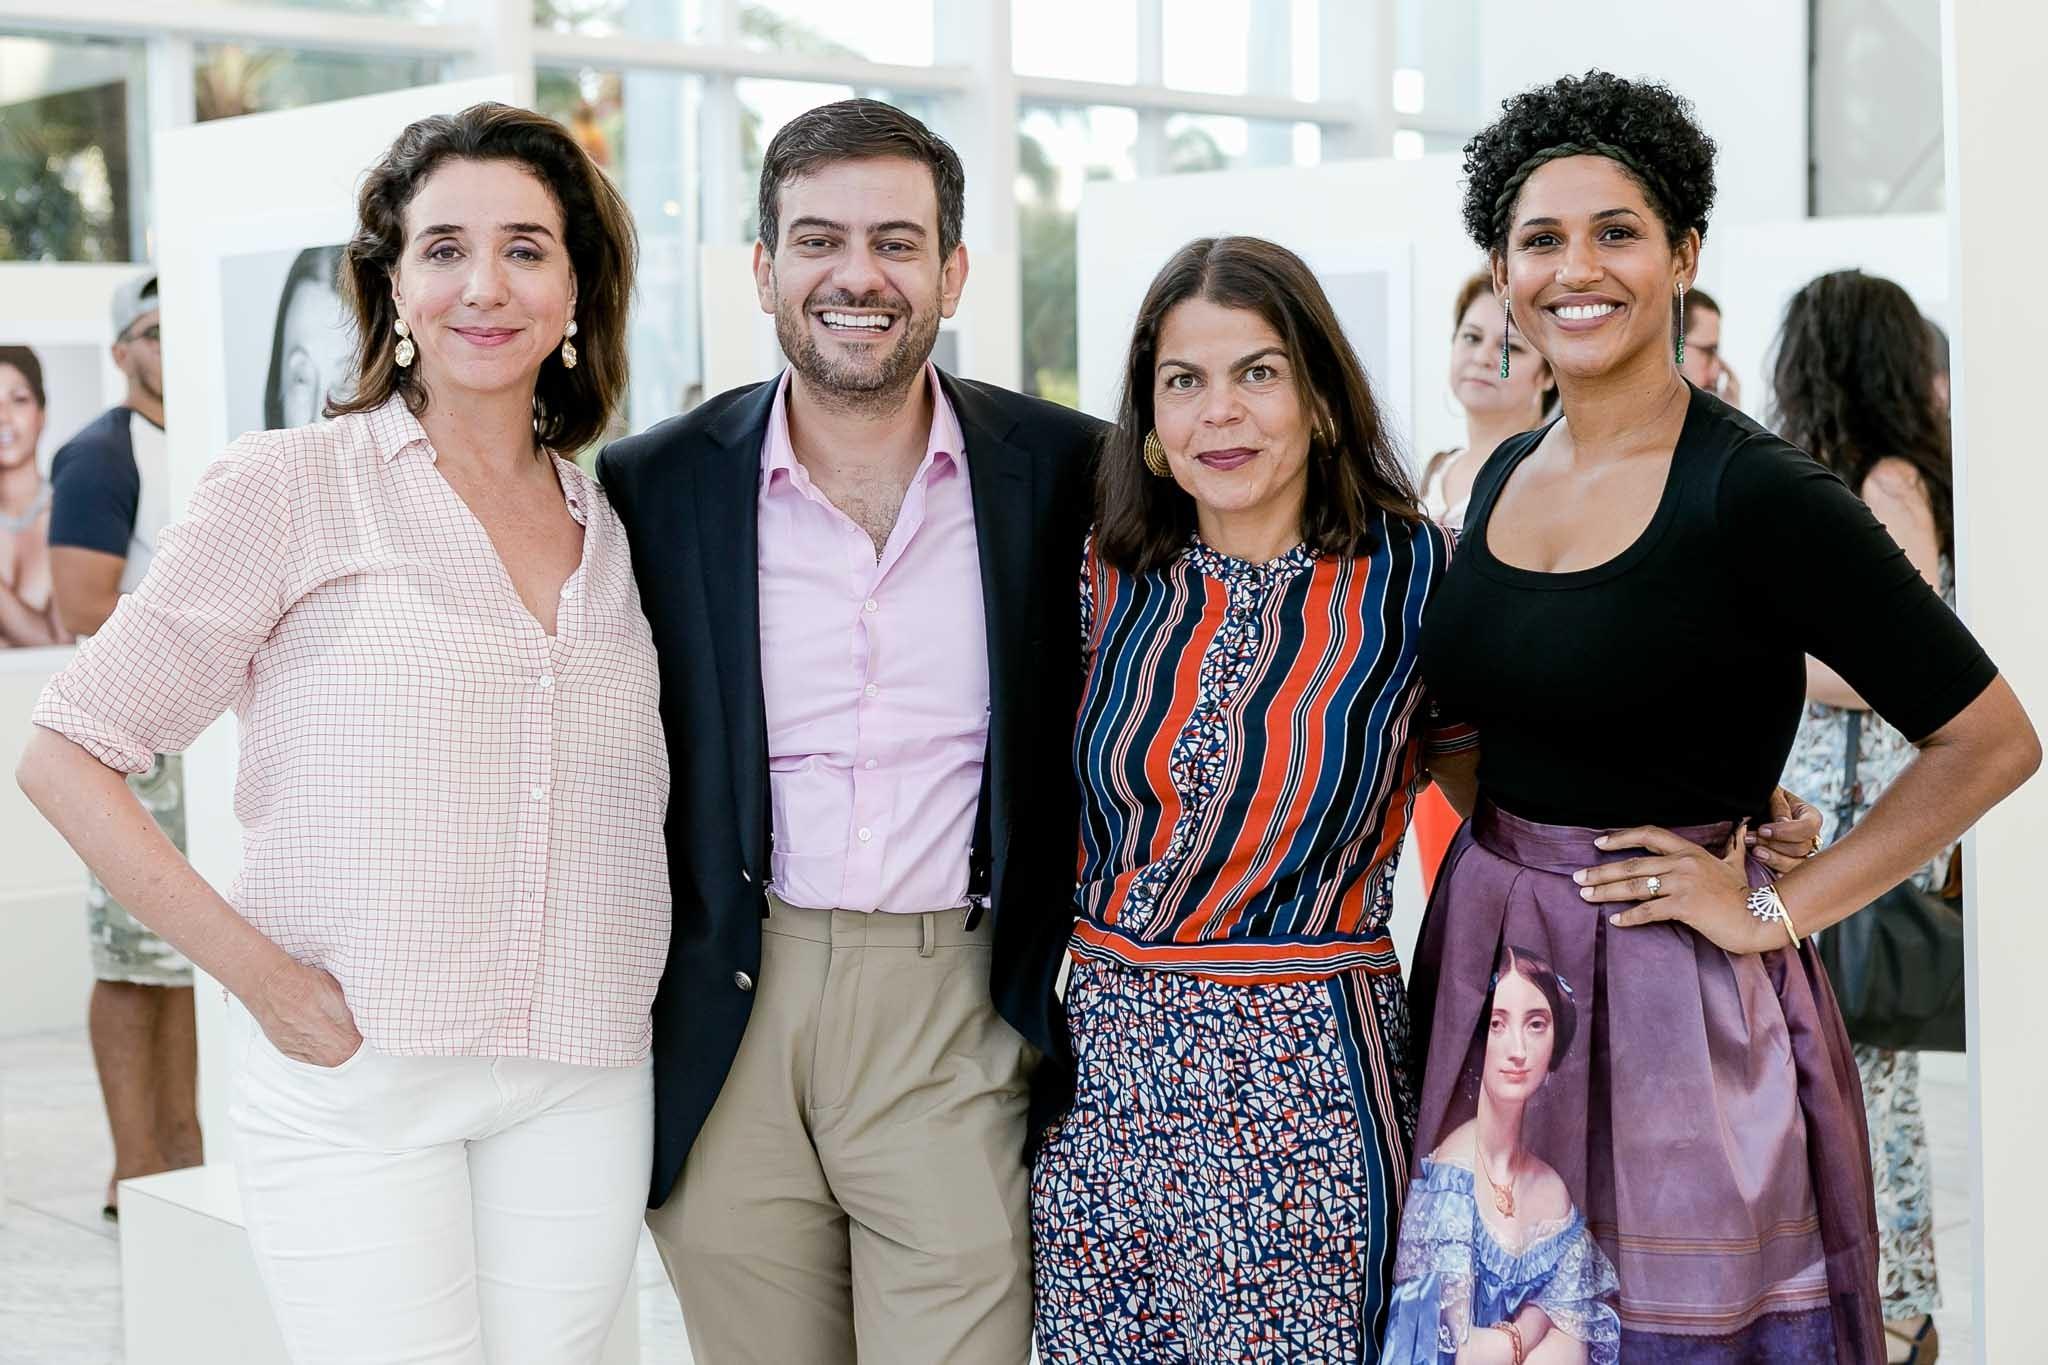 Marisa Orth, Bruno Astuto, Daniela Falcão e Alexandra Loras  (Foto: Bruno Ryfer/Divulgação)